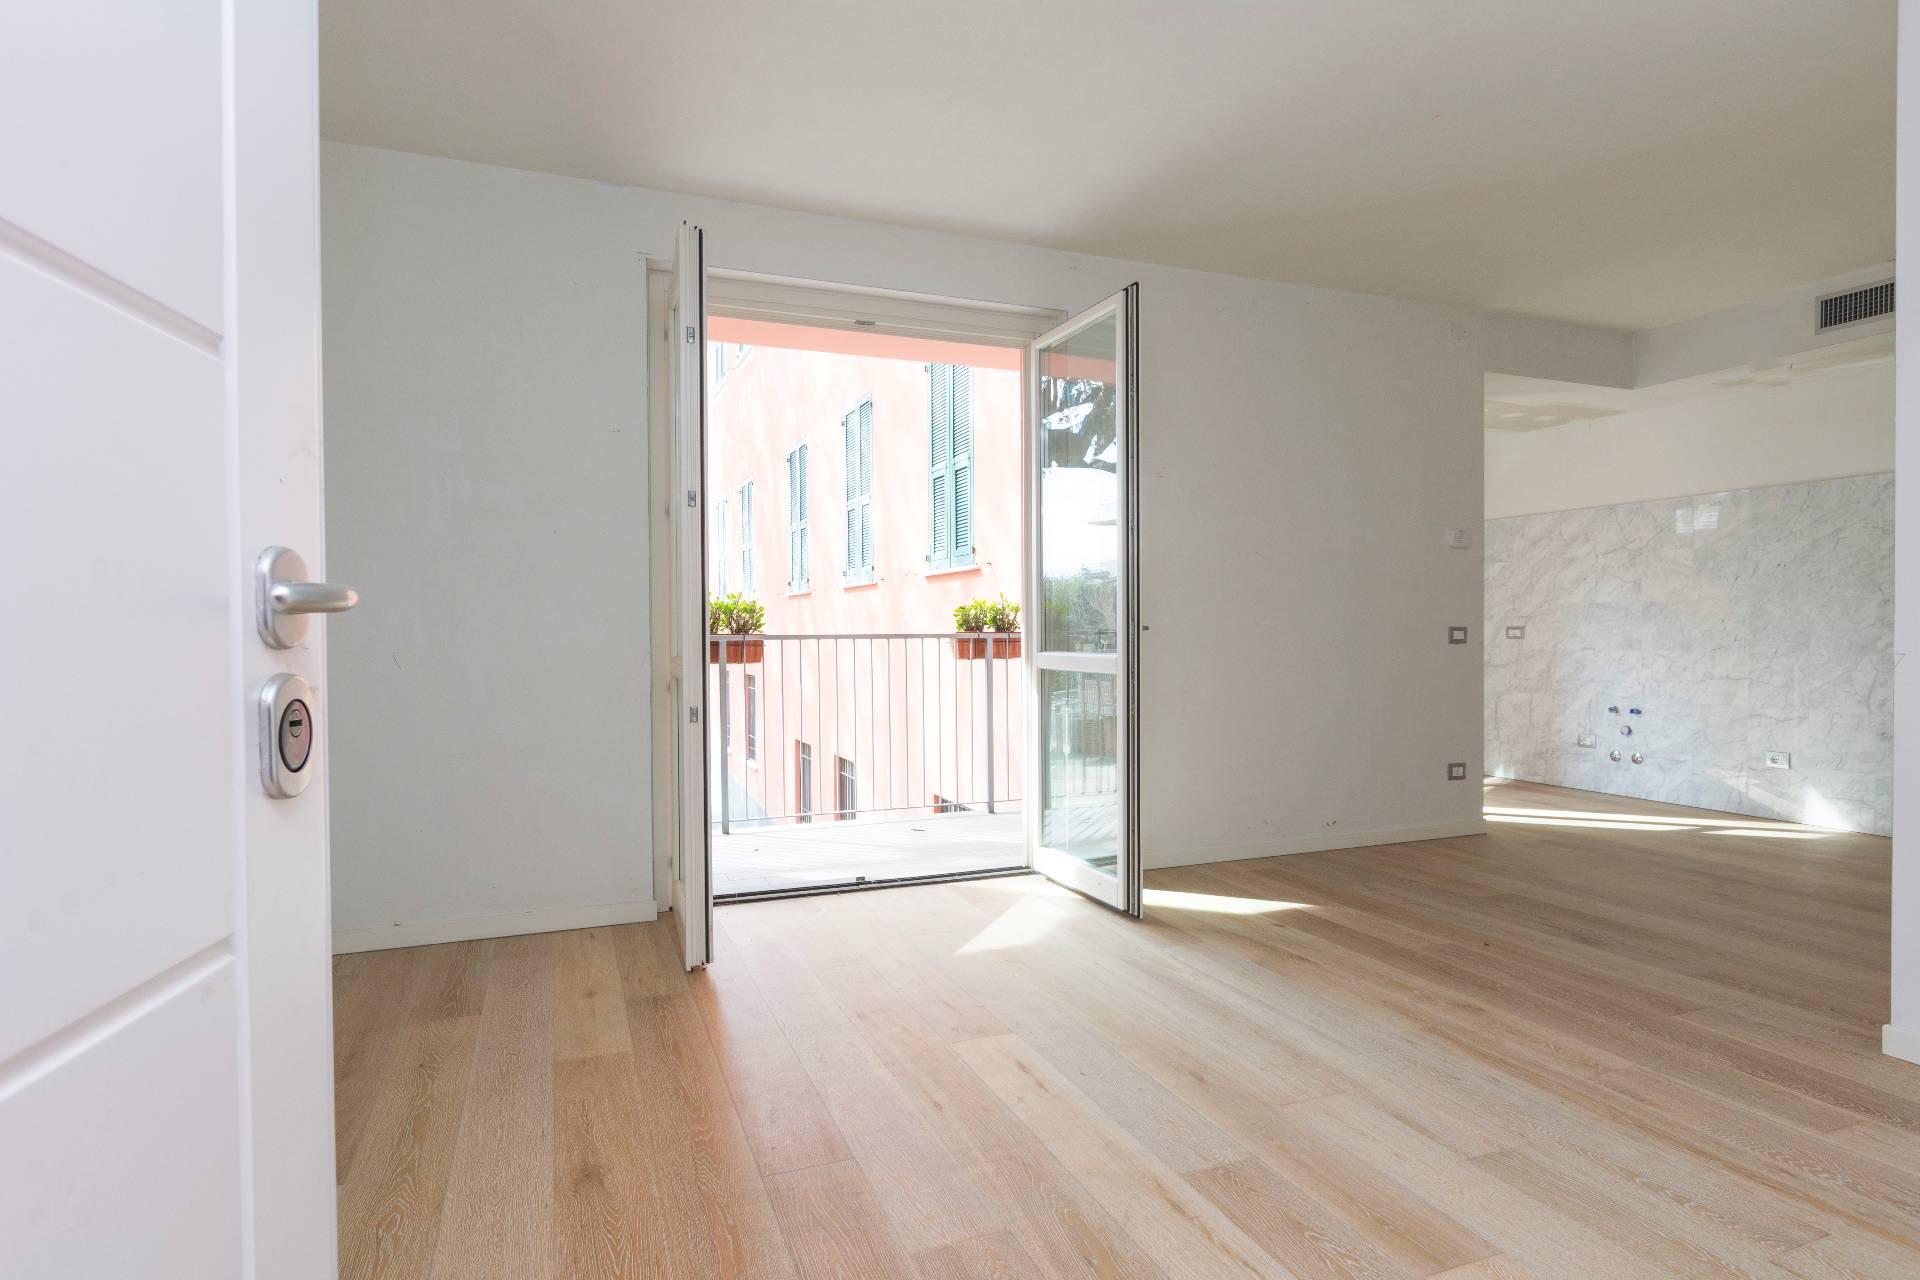 Appartamento in vendita a Lavagna, 3 locali, prezzo € 345.000 | PortaleAgenzieImmobiliari.it